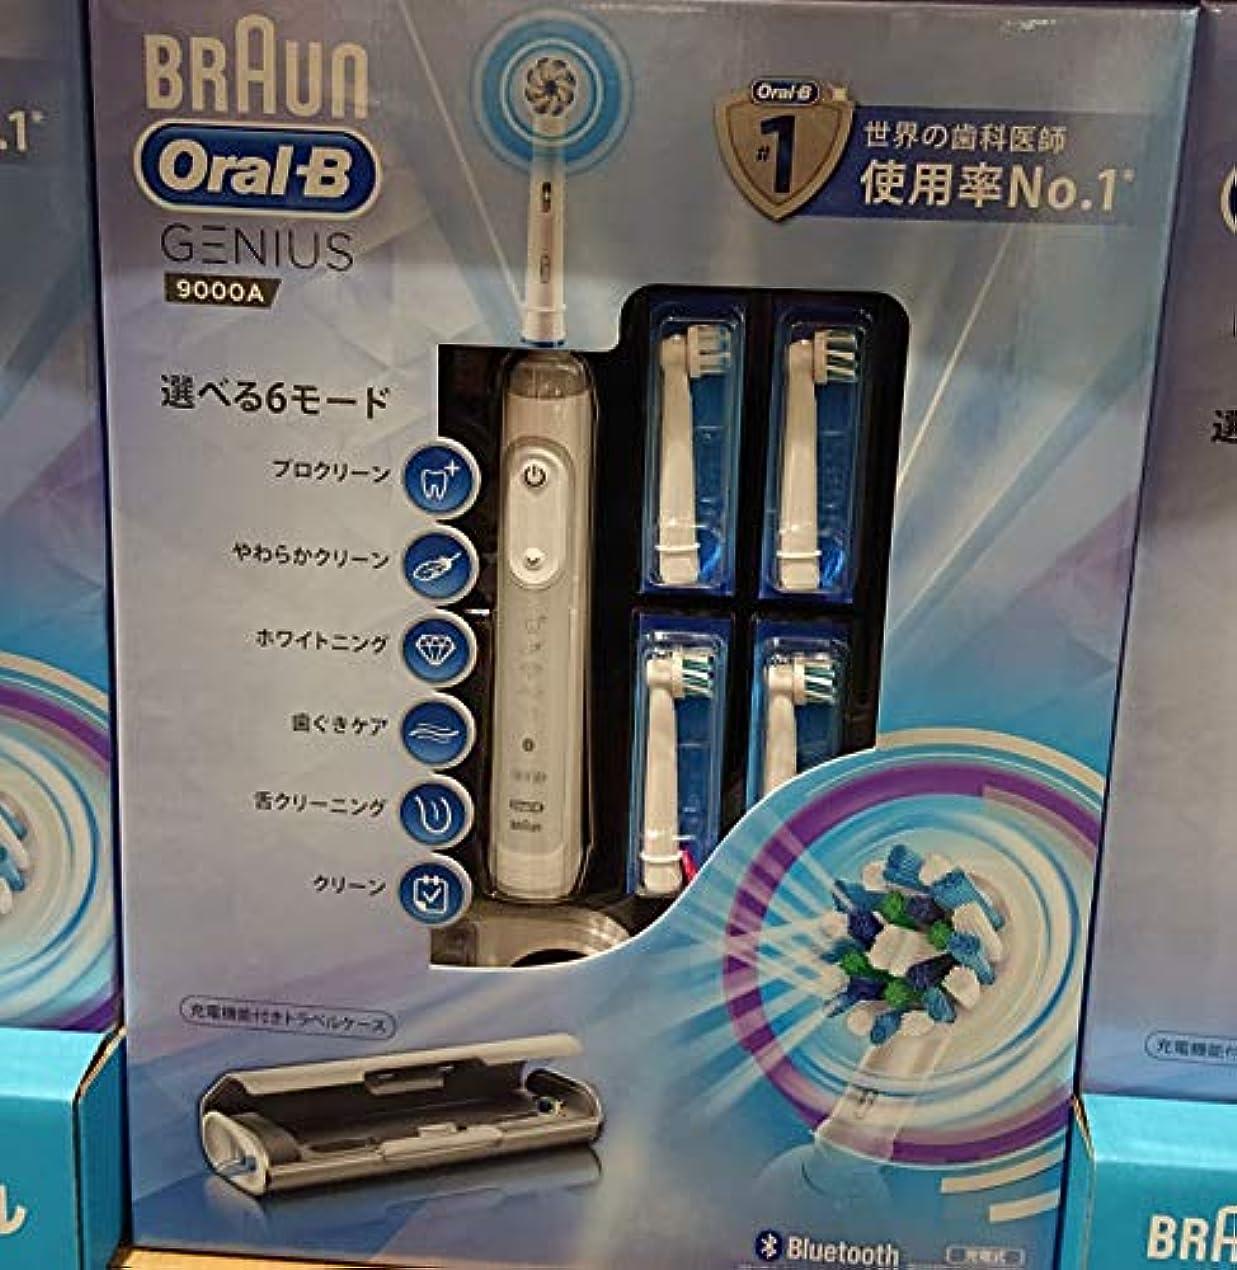 遷移に勝る狭いBRAUN ブラウン ORAL-B 電動歯ブラシ GENIUS 替えブラシ/充電器付き